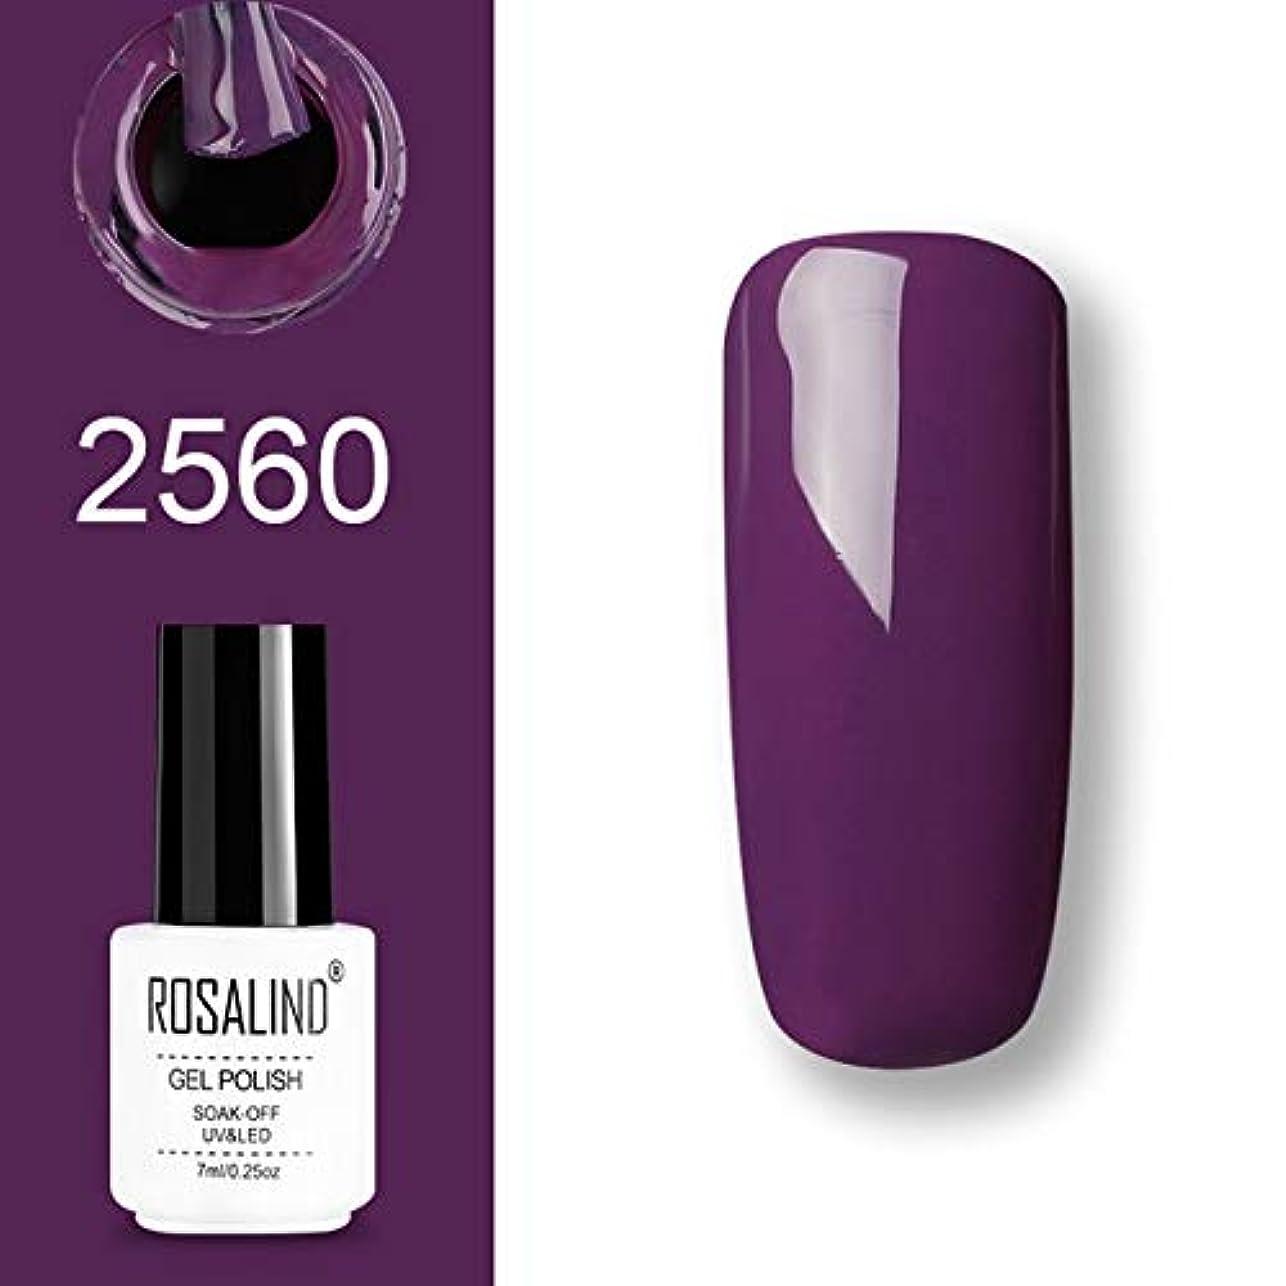 ファッションアイテム ROSALINDジェルポリッシュセットUVセミパーマネントプライマートップコートポリジェルニスネイルアートマニキュアジェル、容量:7ml 2560。 環境に優しいマニキュア